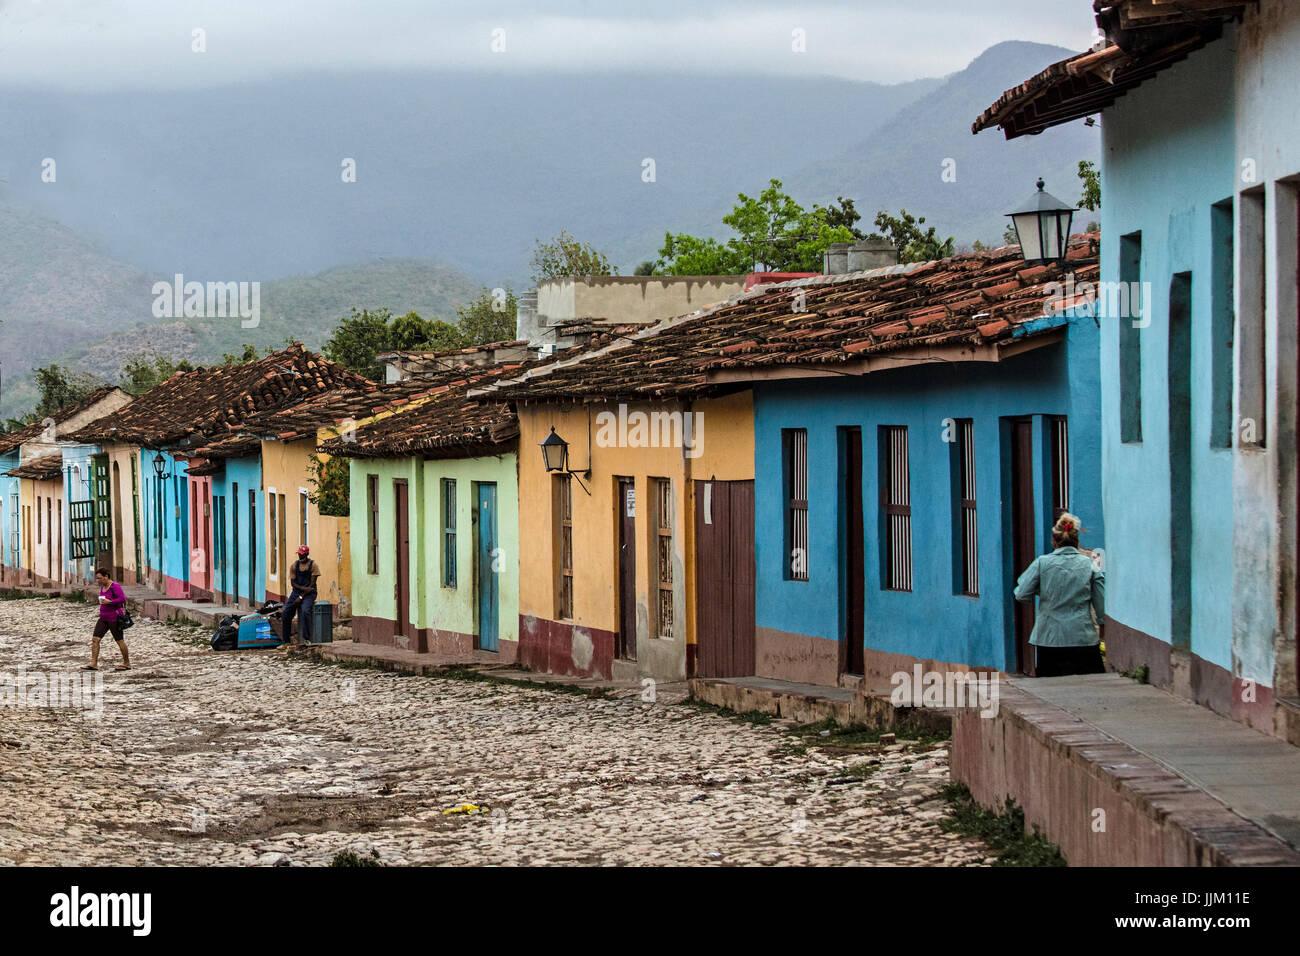 Las calles adoquinadas y coloridas casas de Trinidad, Cuba Imagen De Stock